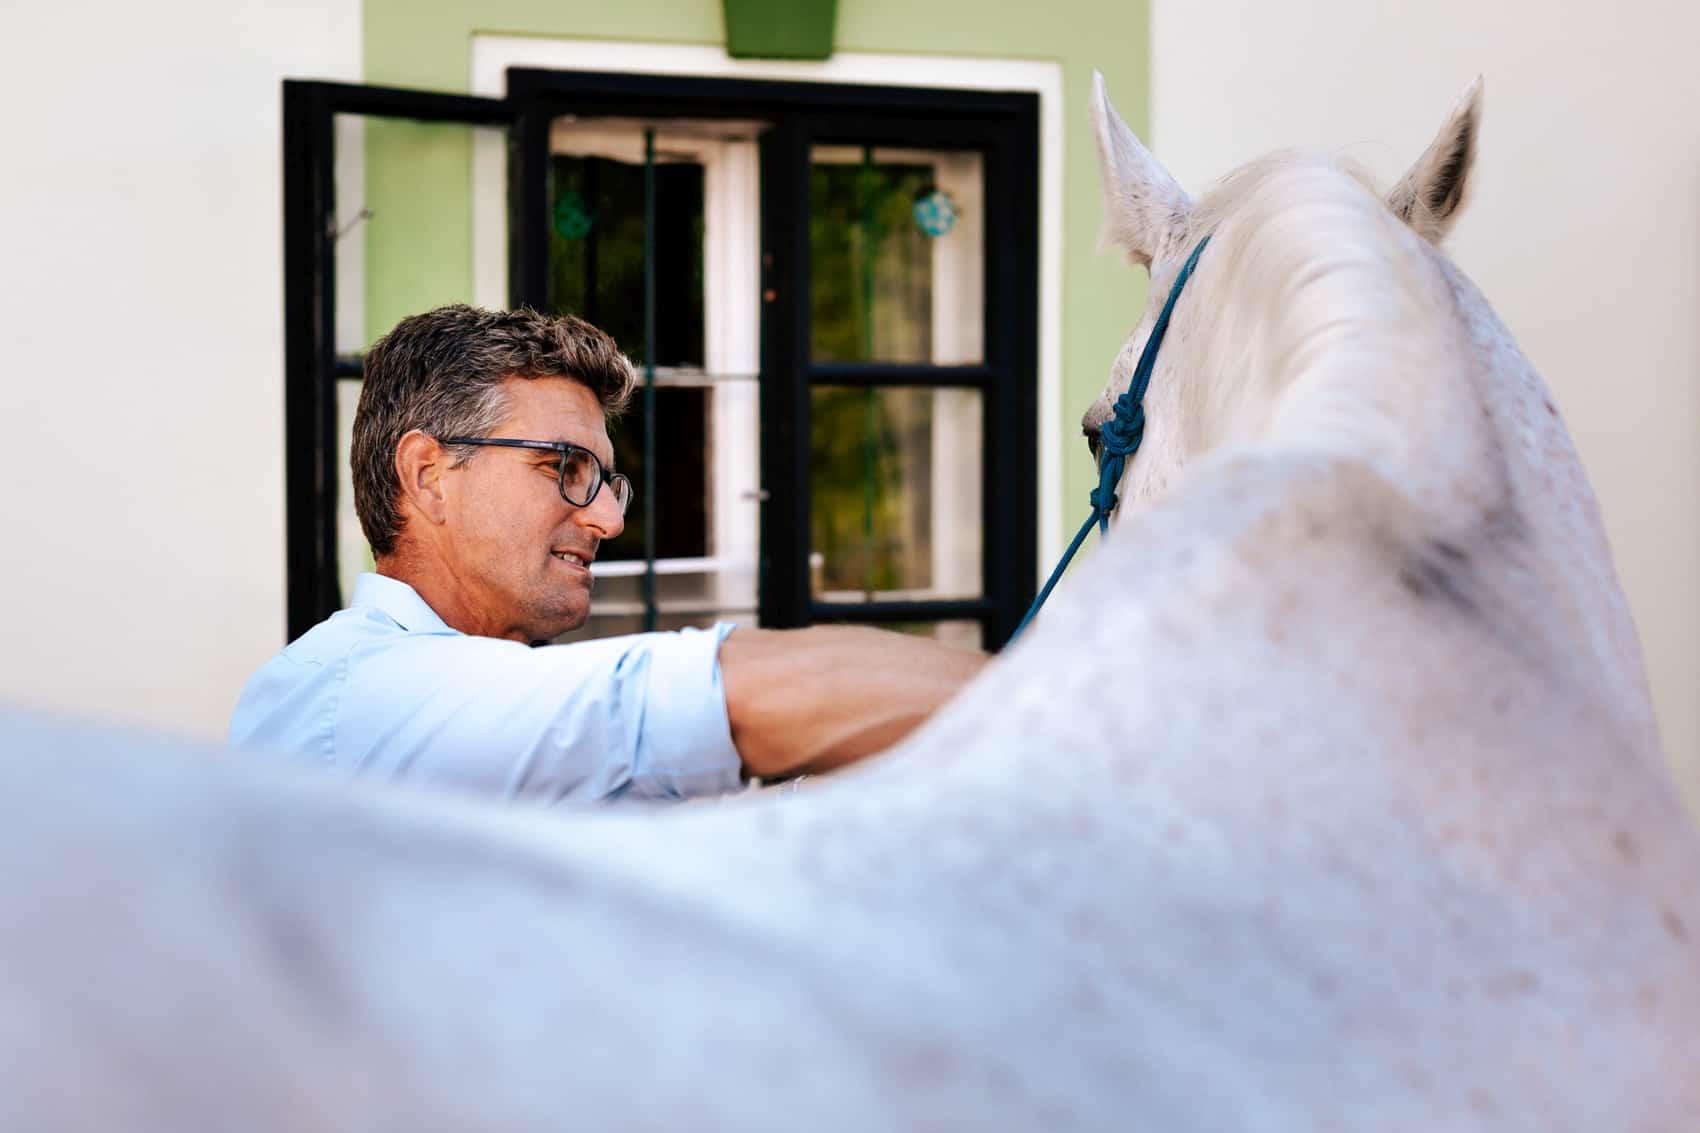 pferdesportpraxis-tierarzt-dr-matthias-keller-pferdespezialist-orthopaedische-und-manuelle-medizin-fuer-pferde-faszientherapie-chiropraktik-akupunktur-cft-prp-irap-chirofaszial-TMJ